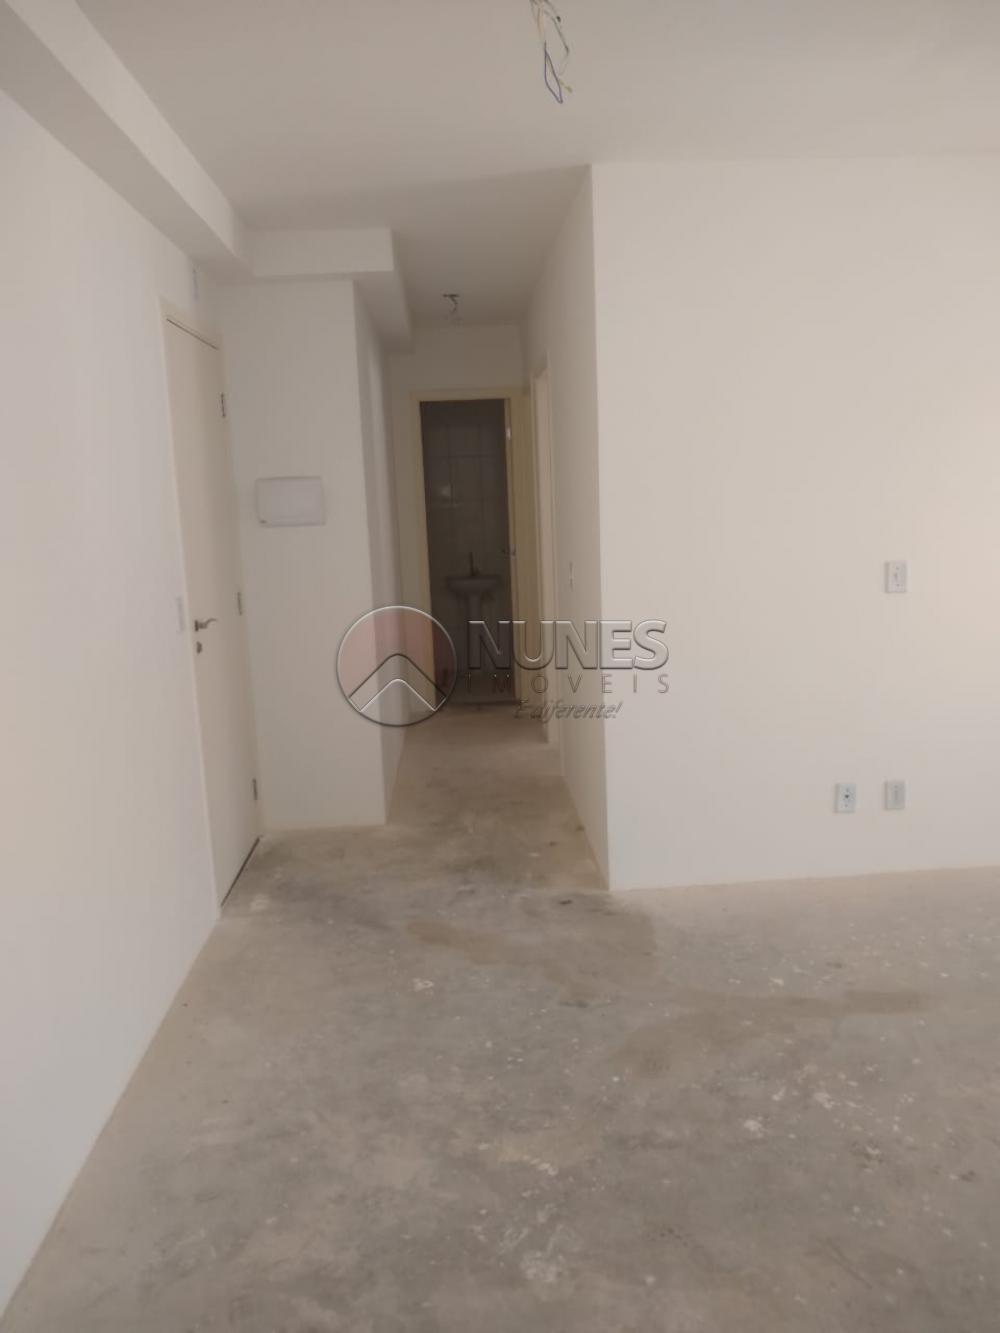 Comprar Apartamento / Padrão em Carapicuíba apenas R$ 175.000,00 - Foto 10